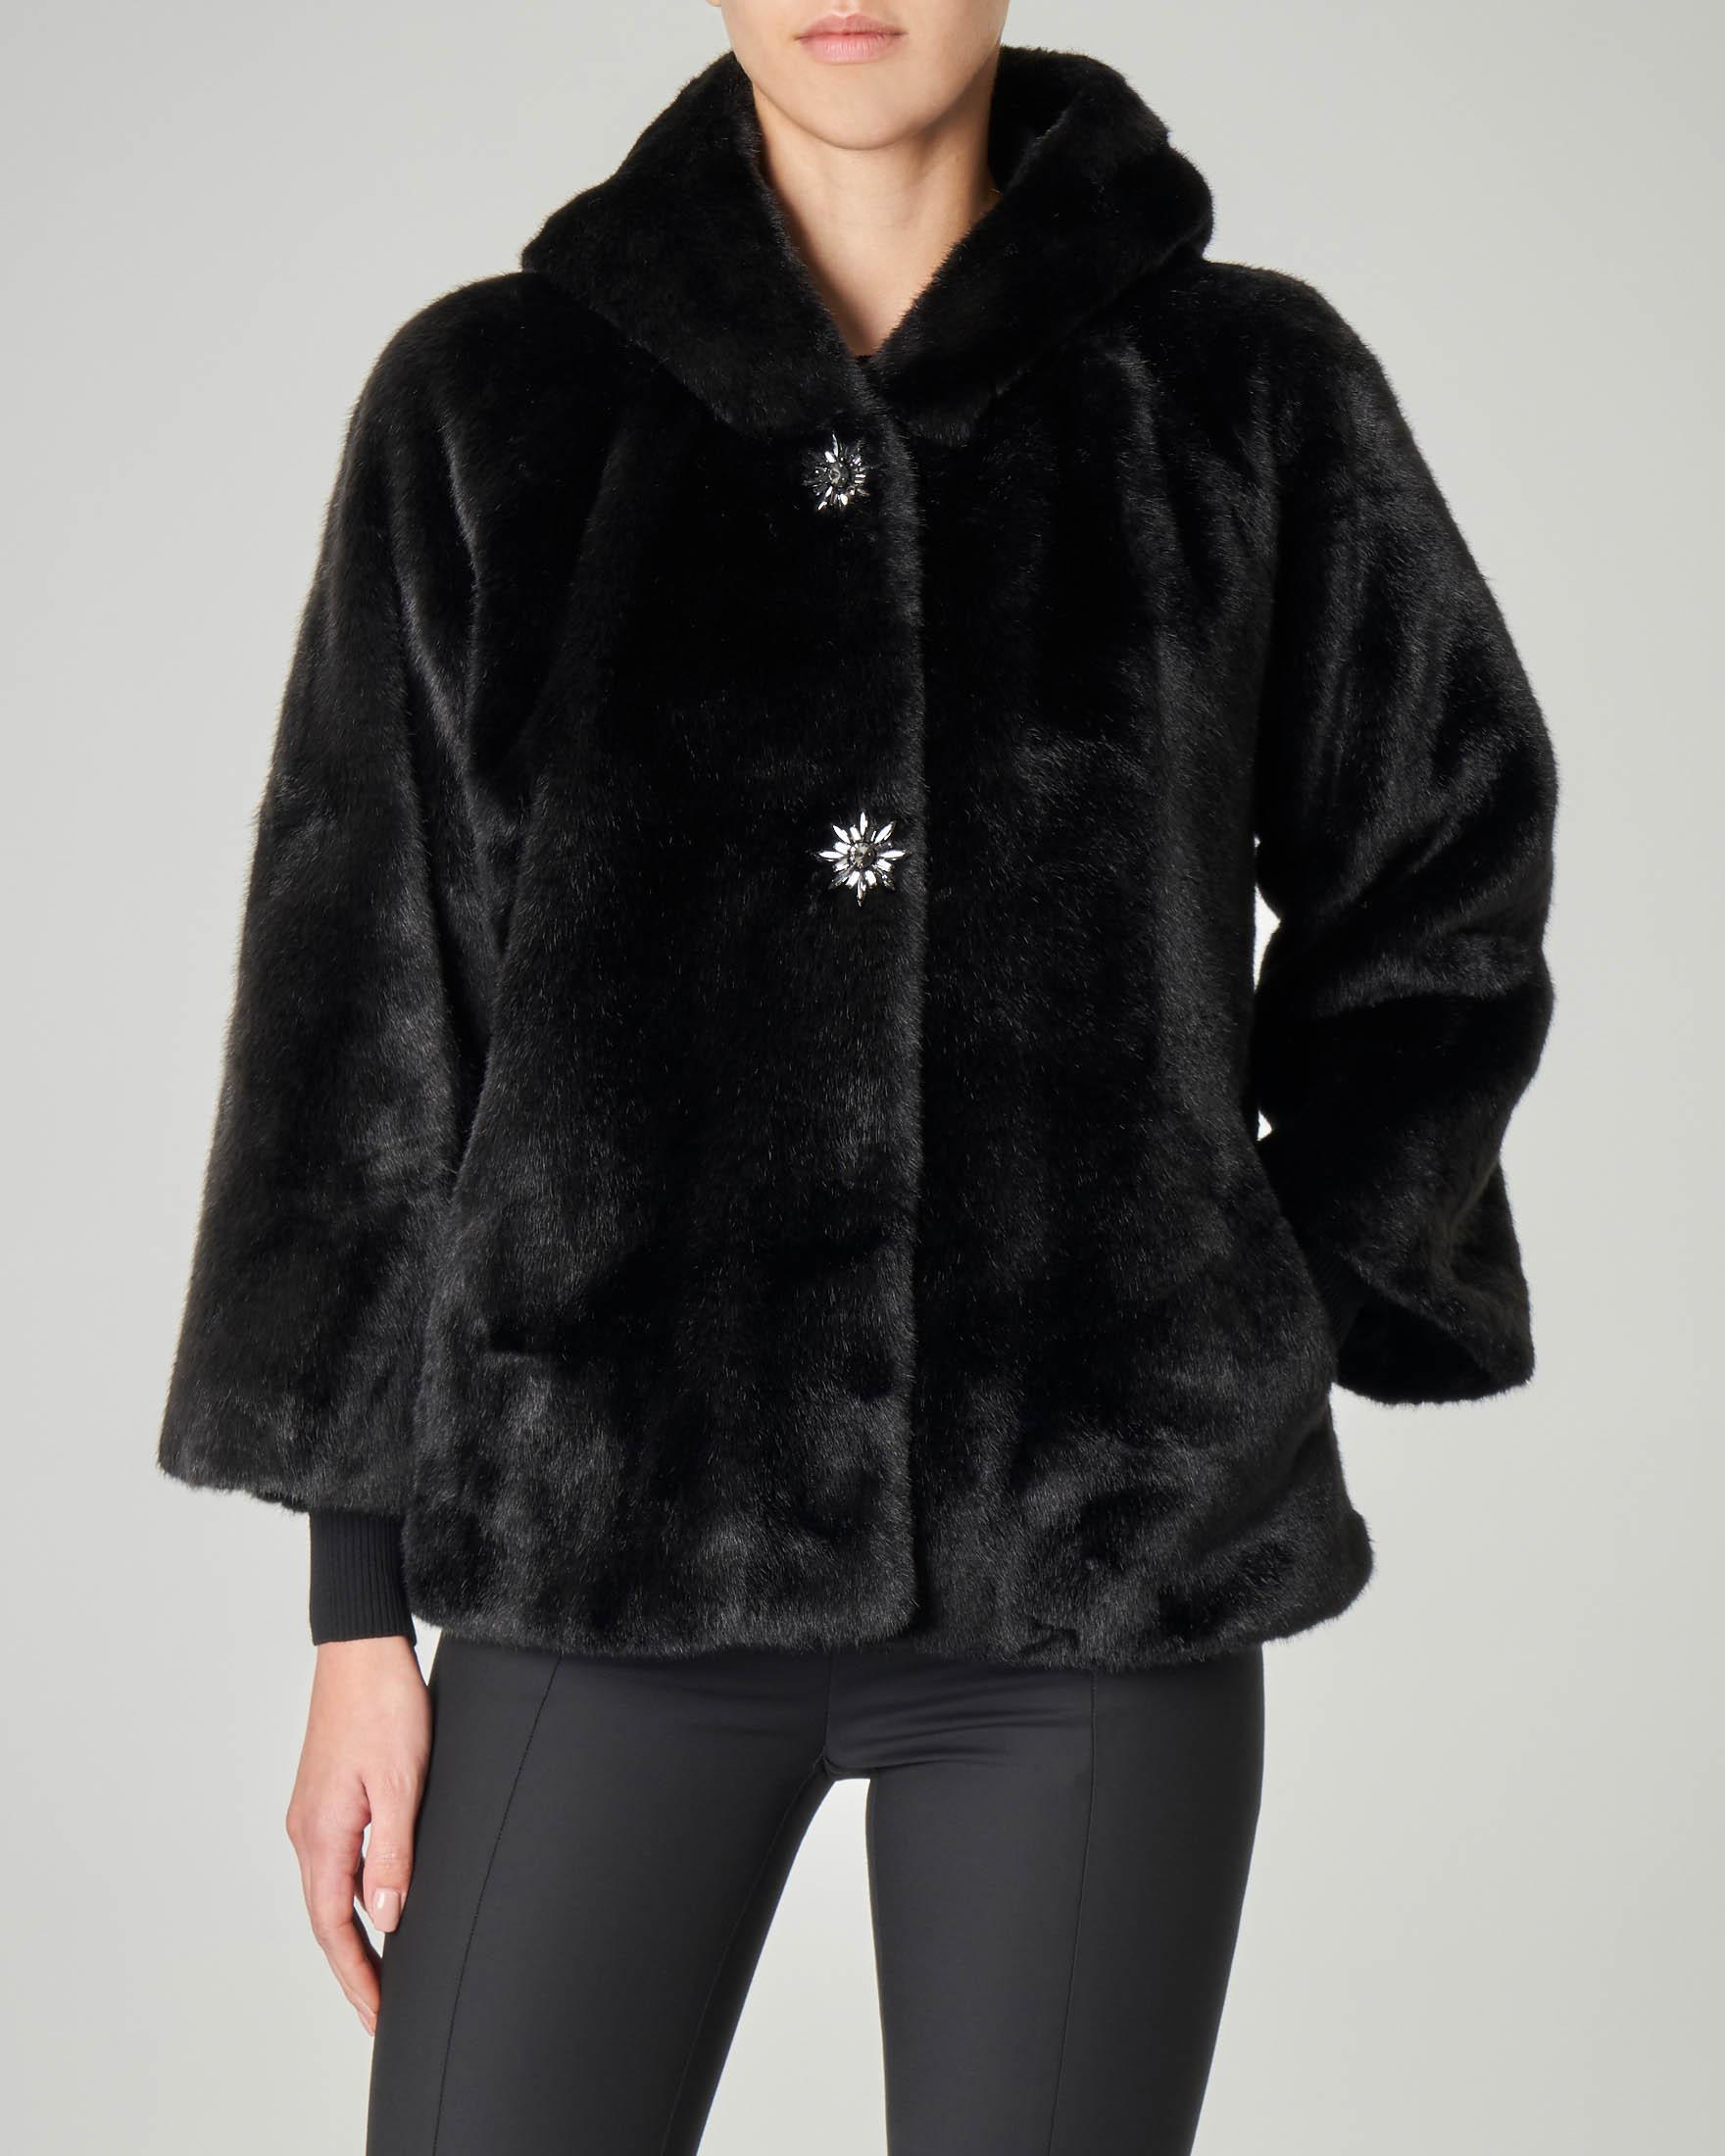 Eco pelliccia nera corta con cappuccio e bottoni gioiello